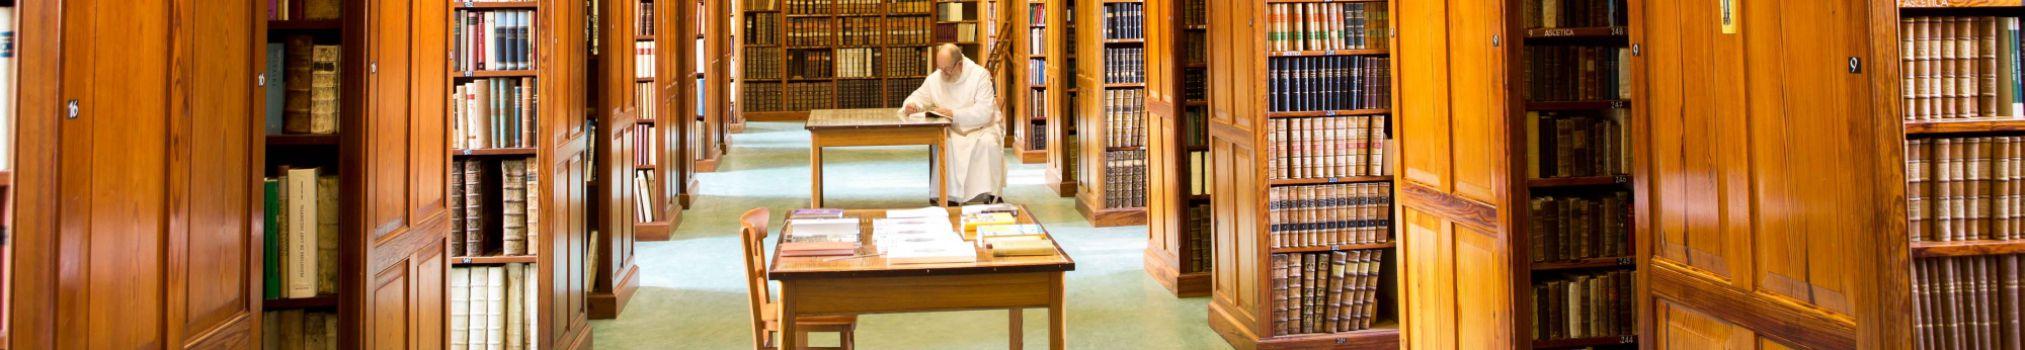 Moine étudiant et lisant dans la bibliothèque de l'abbaye